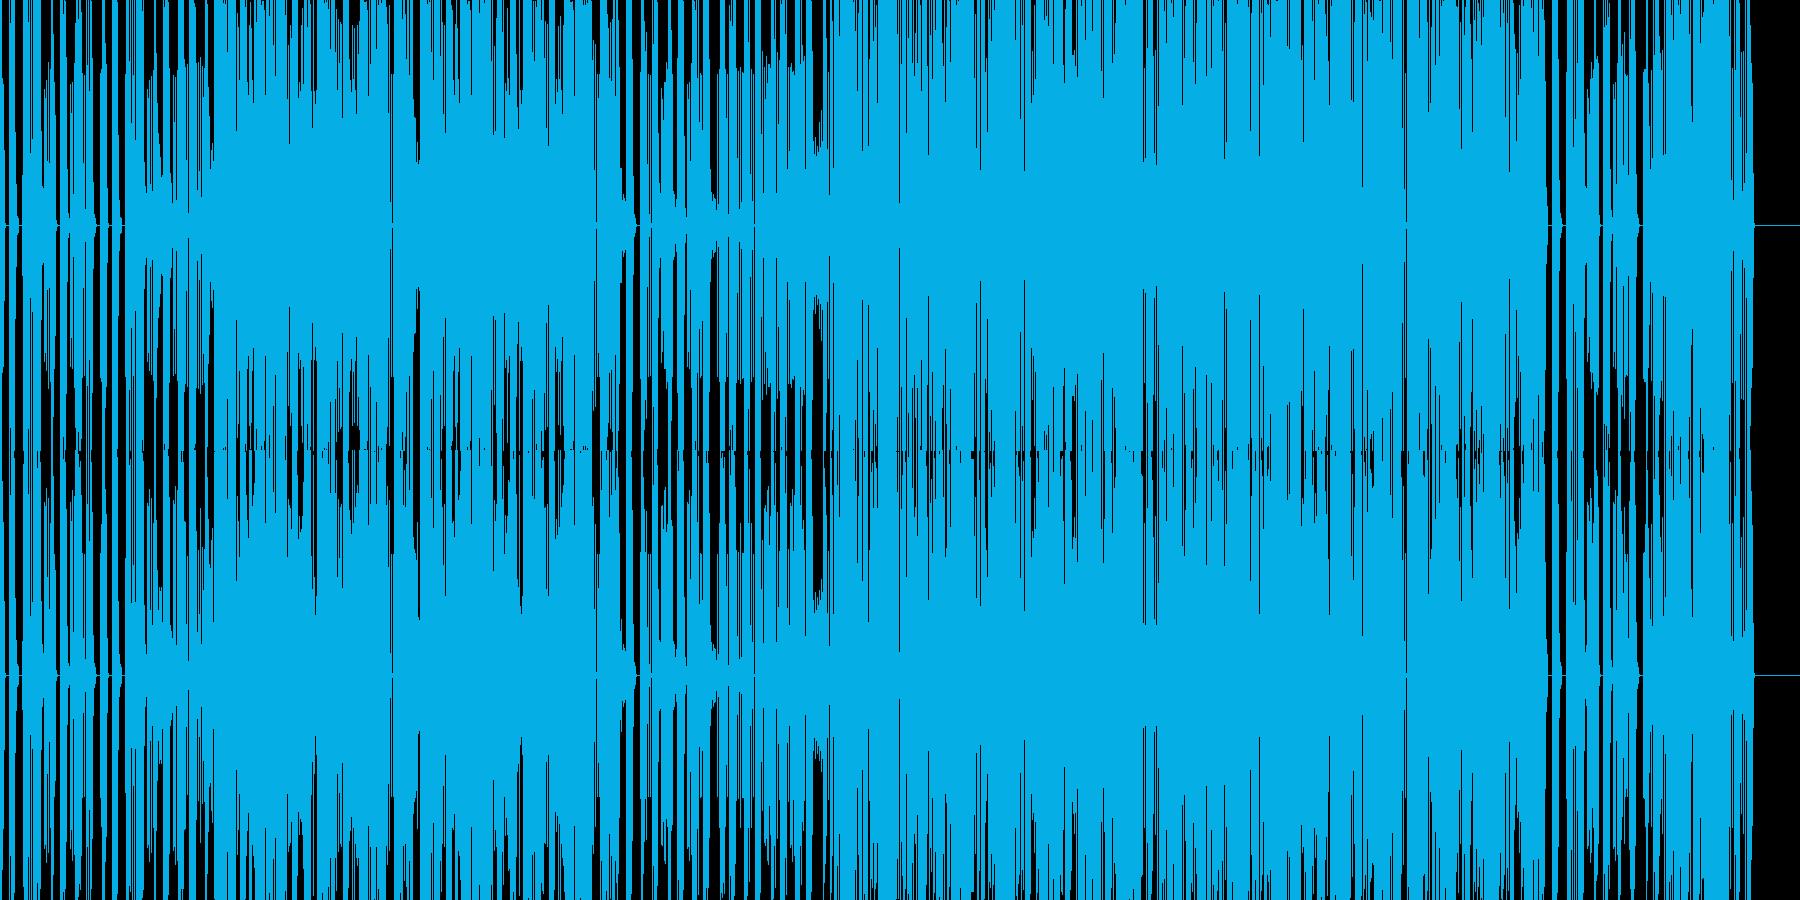 無機質なエレクトロニカの再生済みの波形